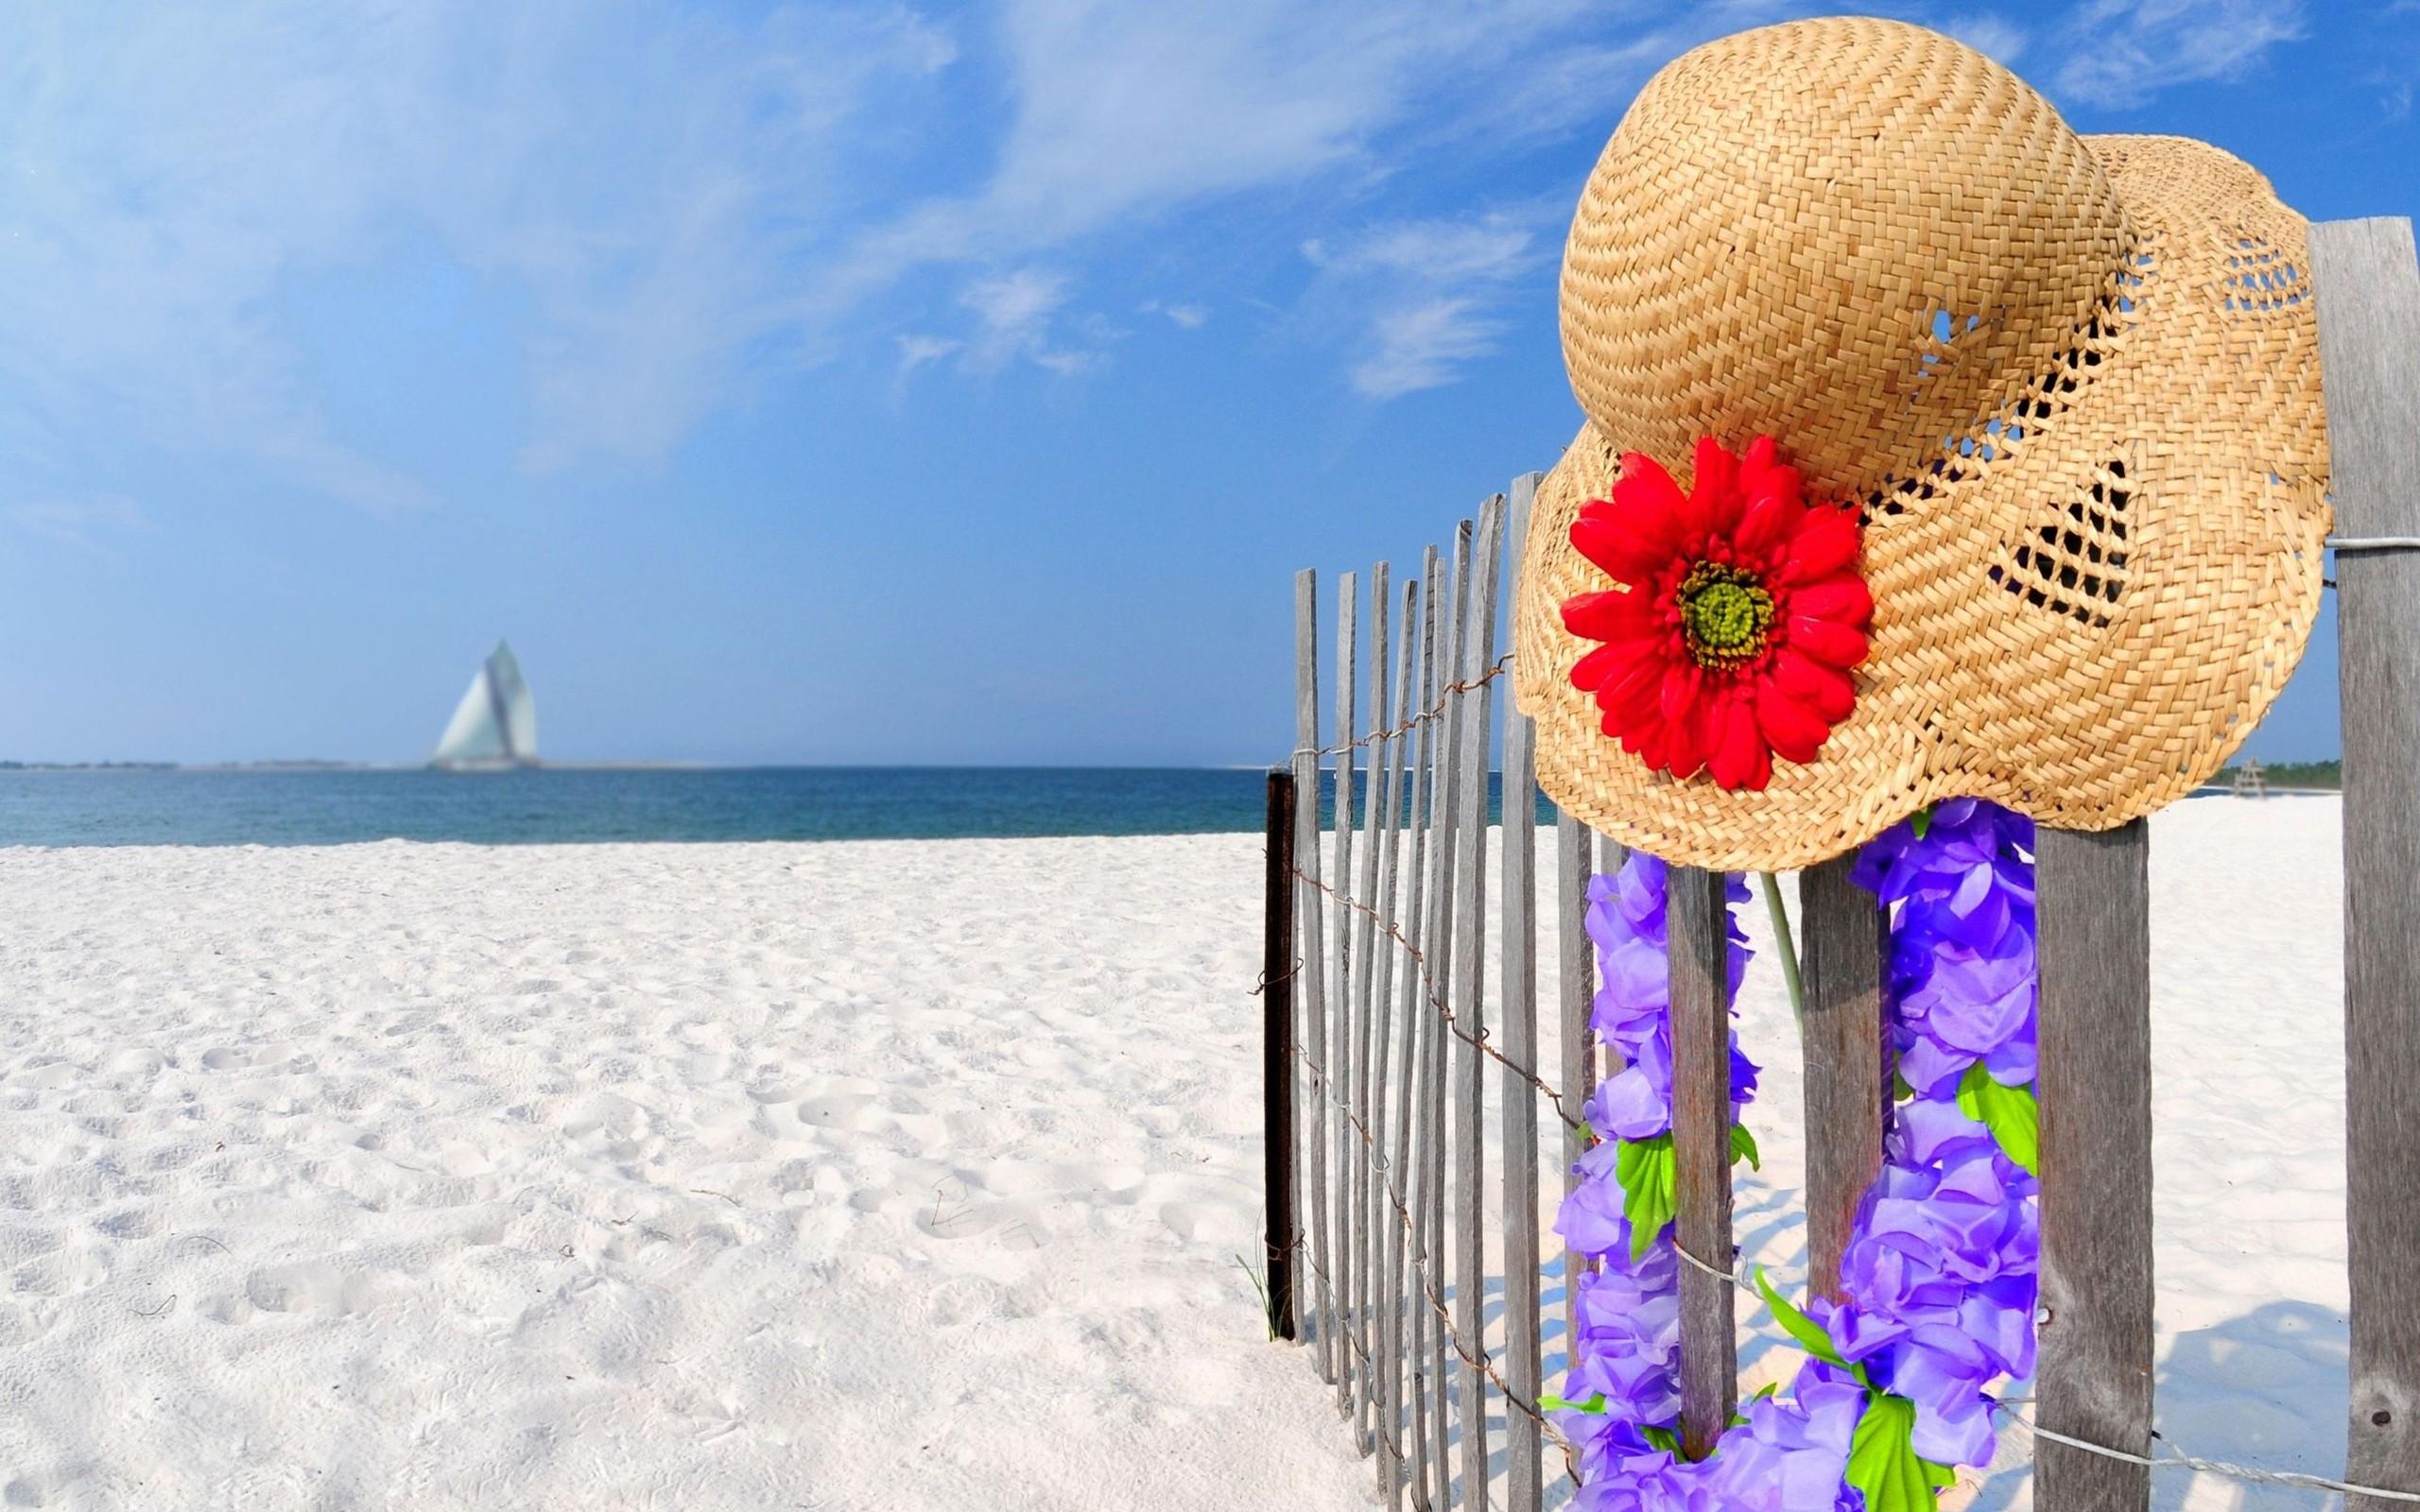 Vacaciones en las playas - 2560x1600